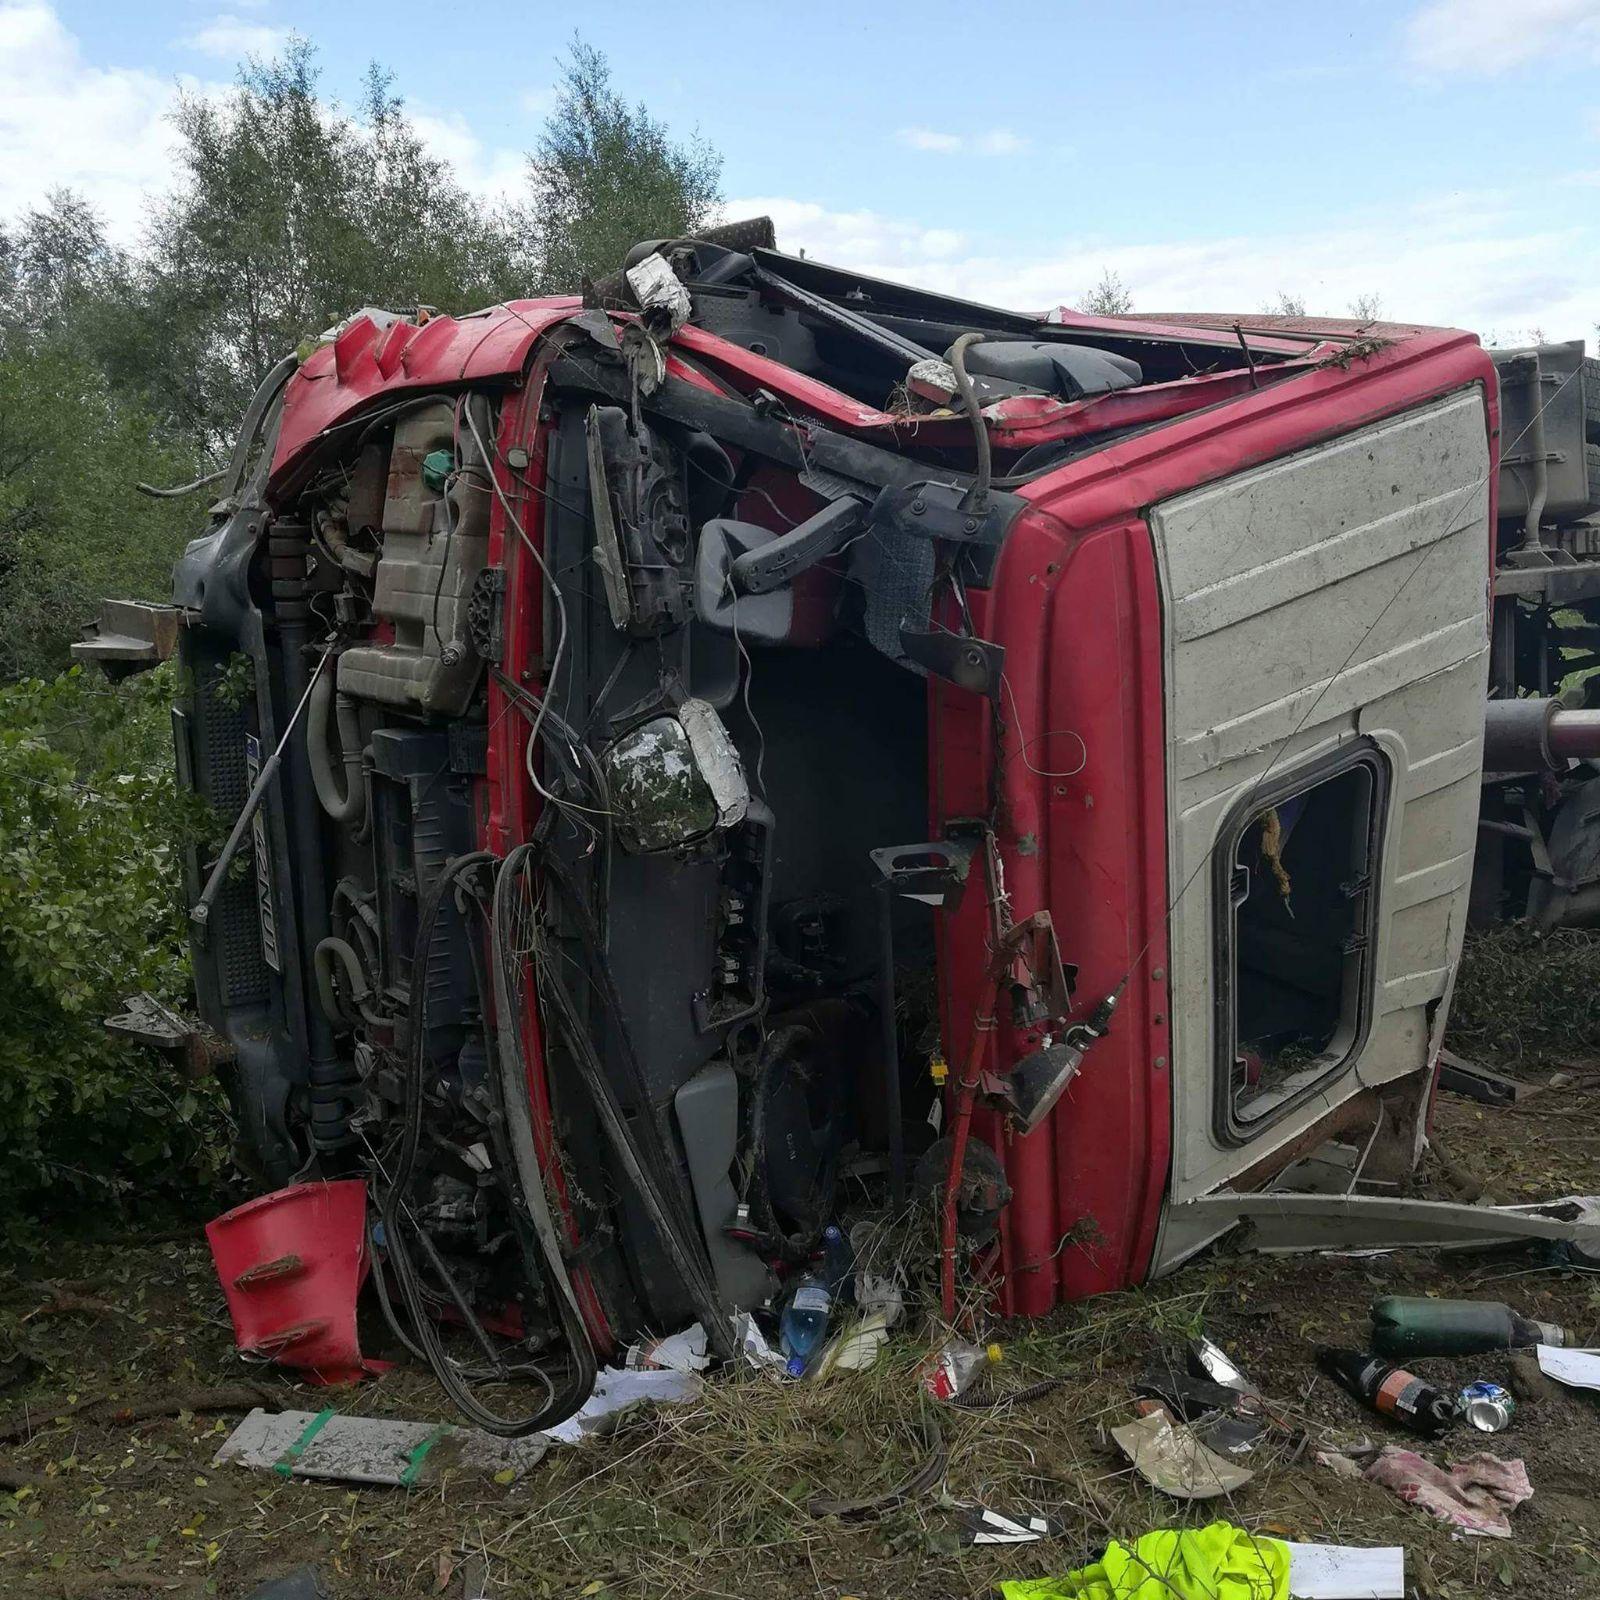 Trei persoane au fost rănite, după ce un camion a lovit o autoutilitară, la Poienari